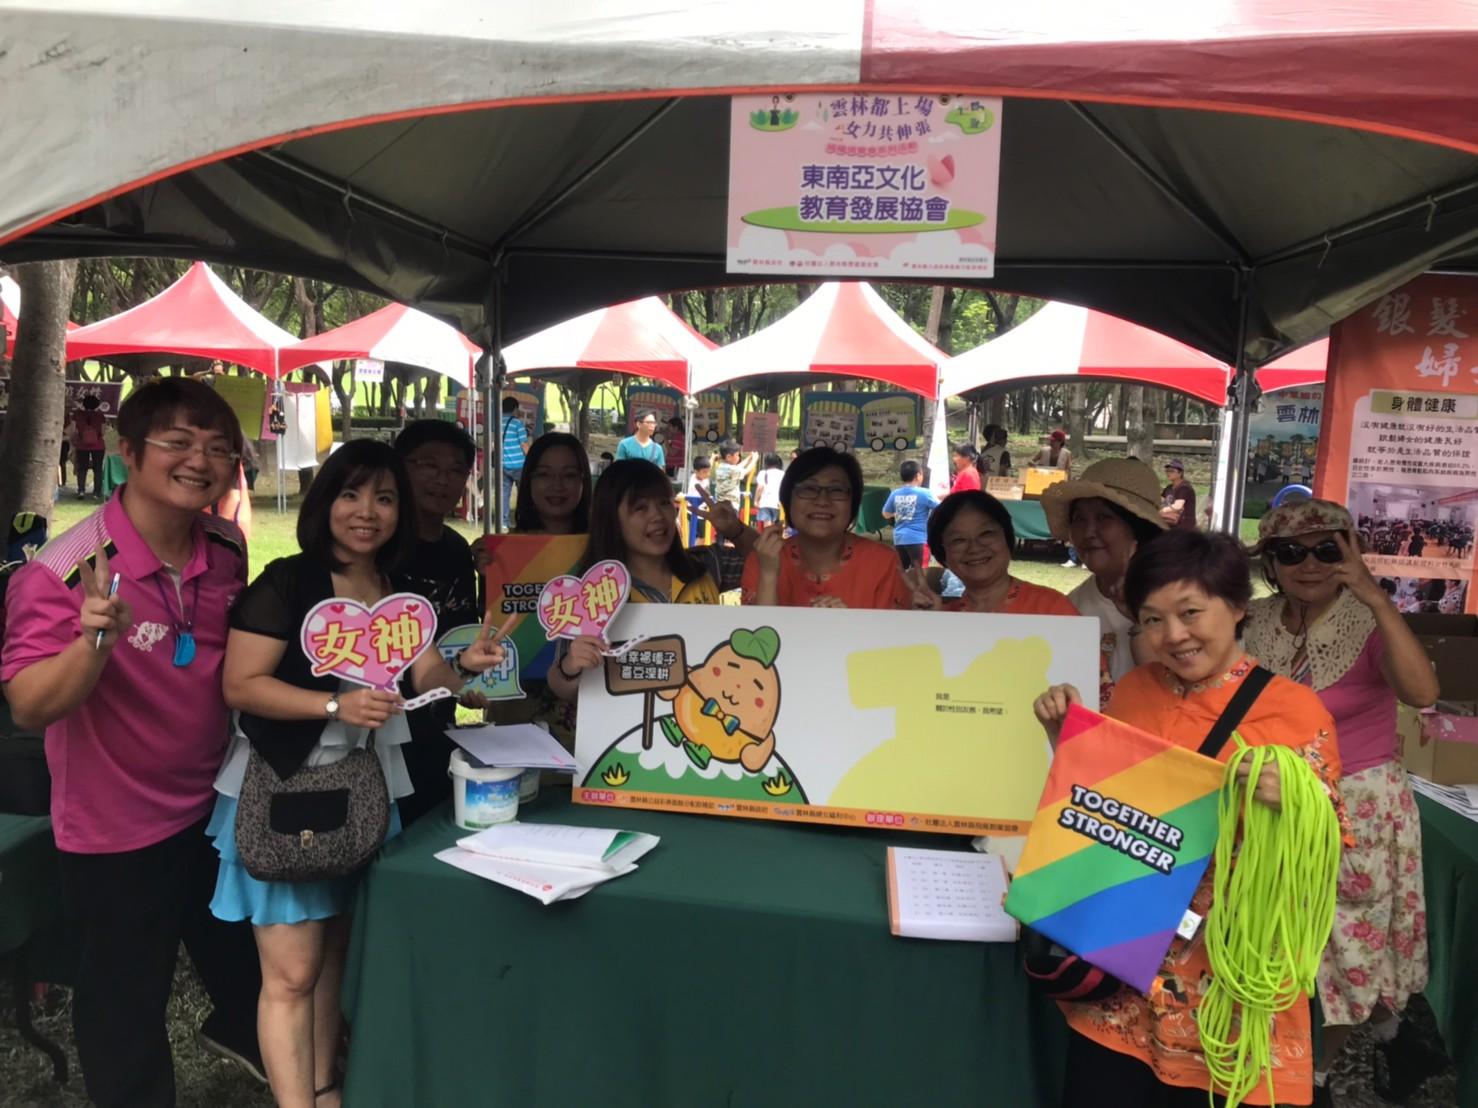 東南亞協會性別平權宣導_190506_0002